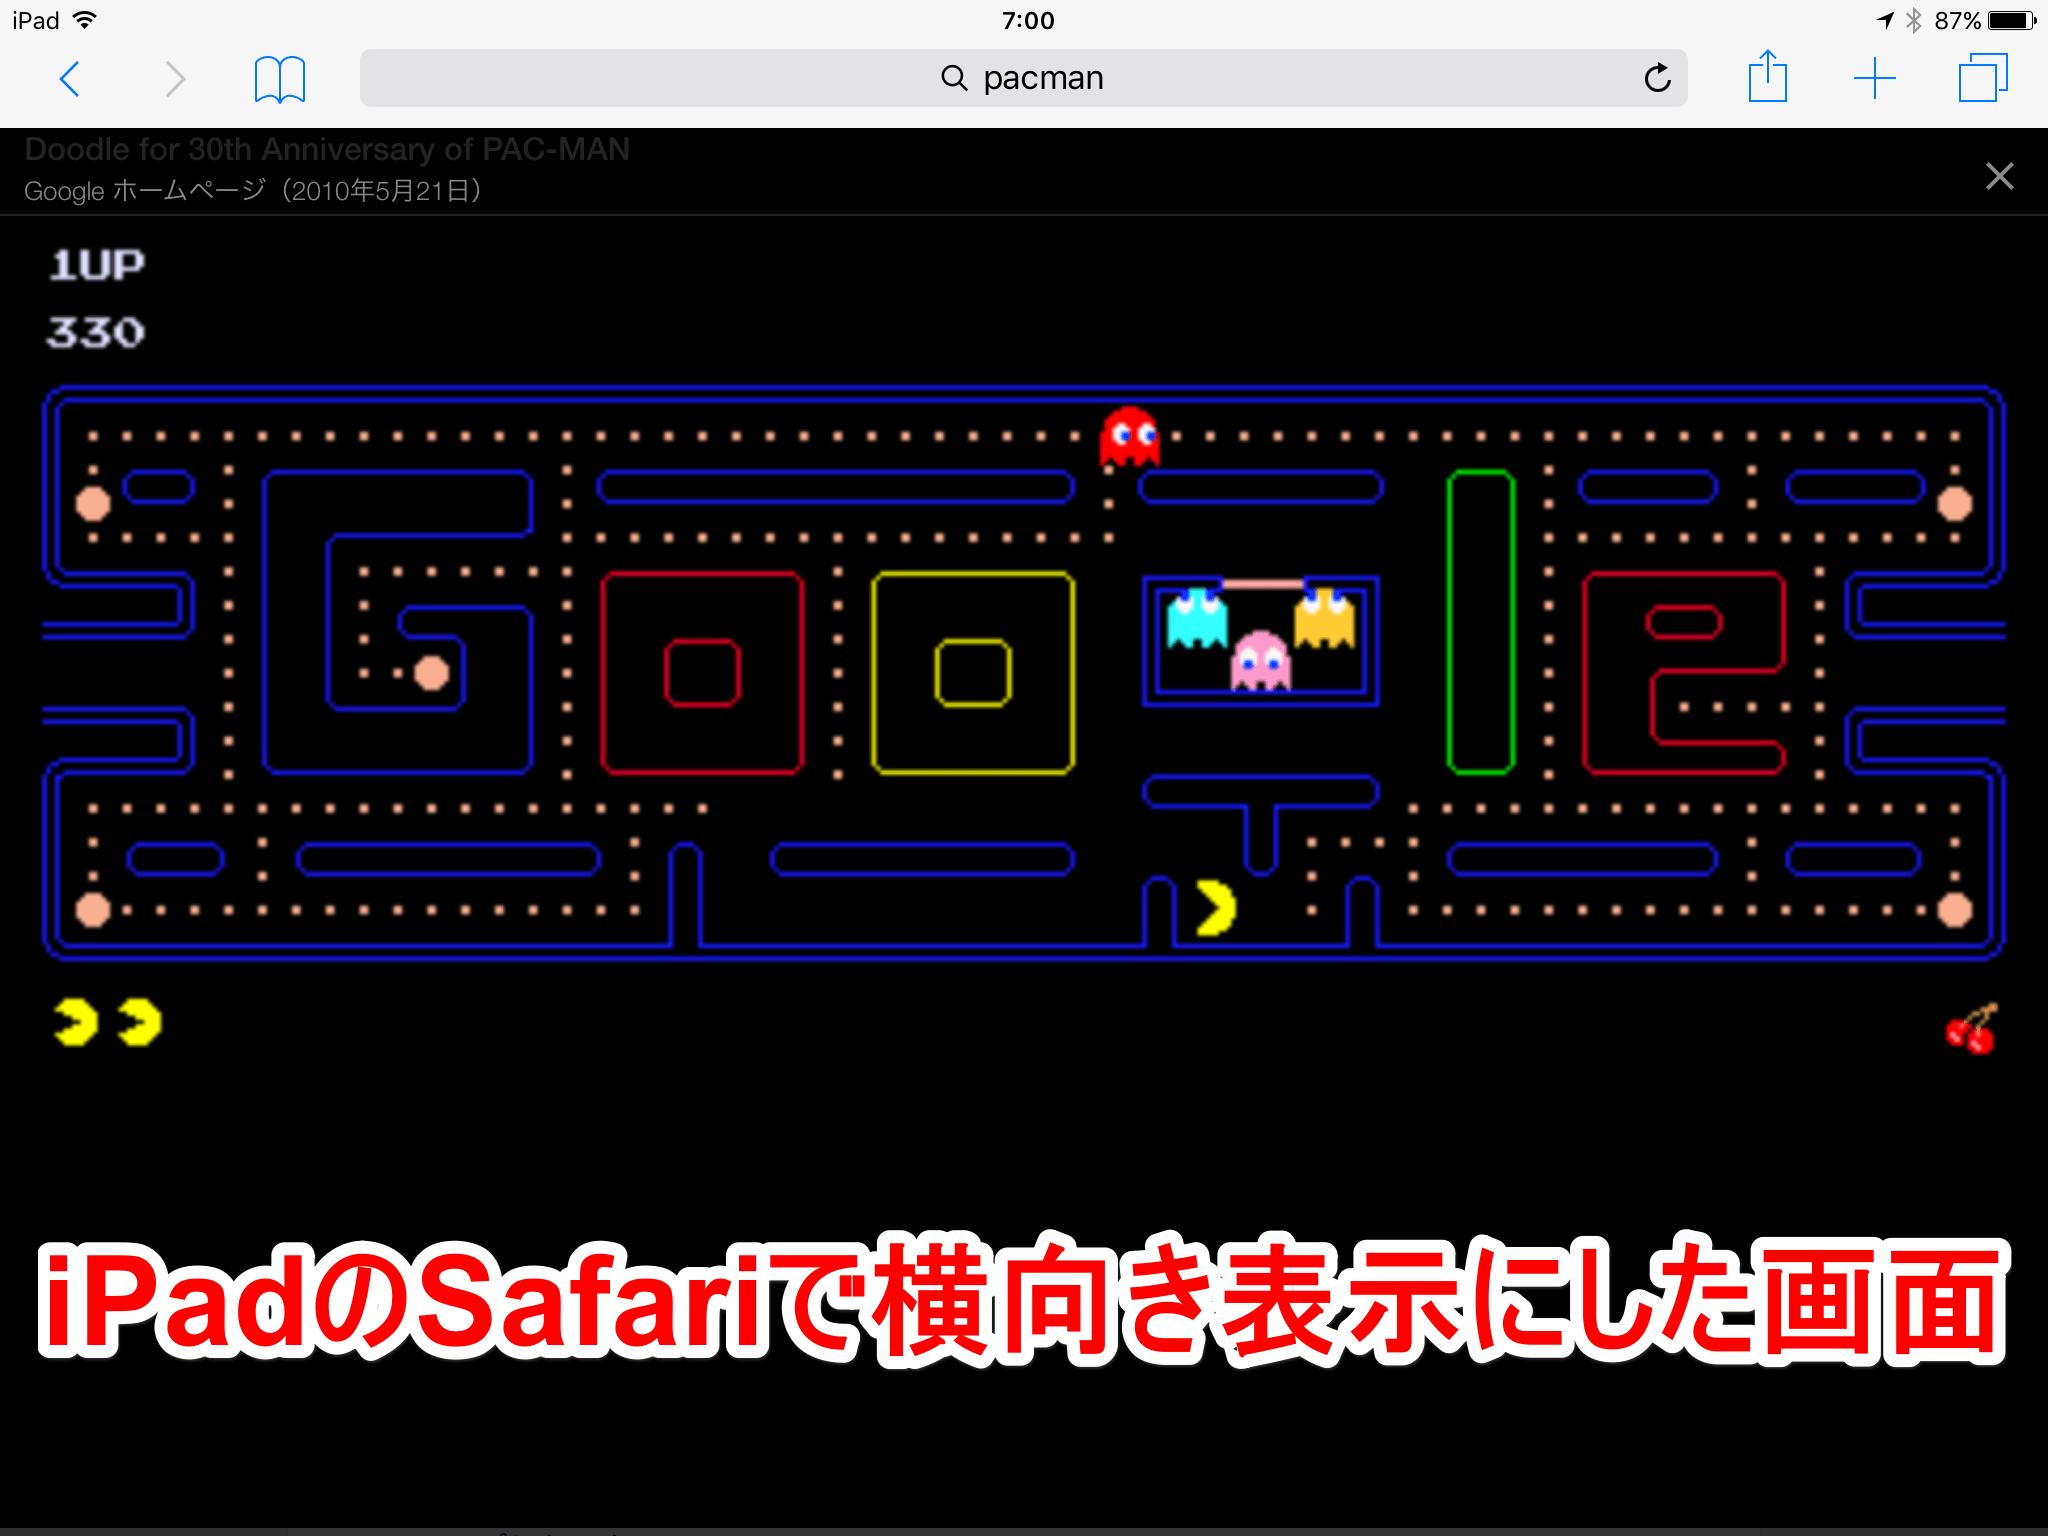 グーグルの画像検索結果画面から変わったブロック崩しゲームをプレイしているところ